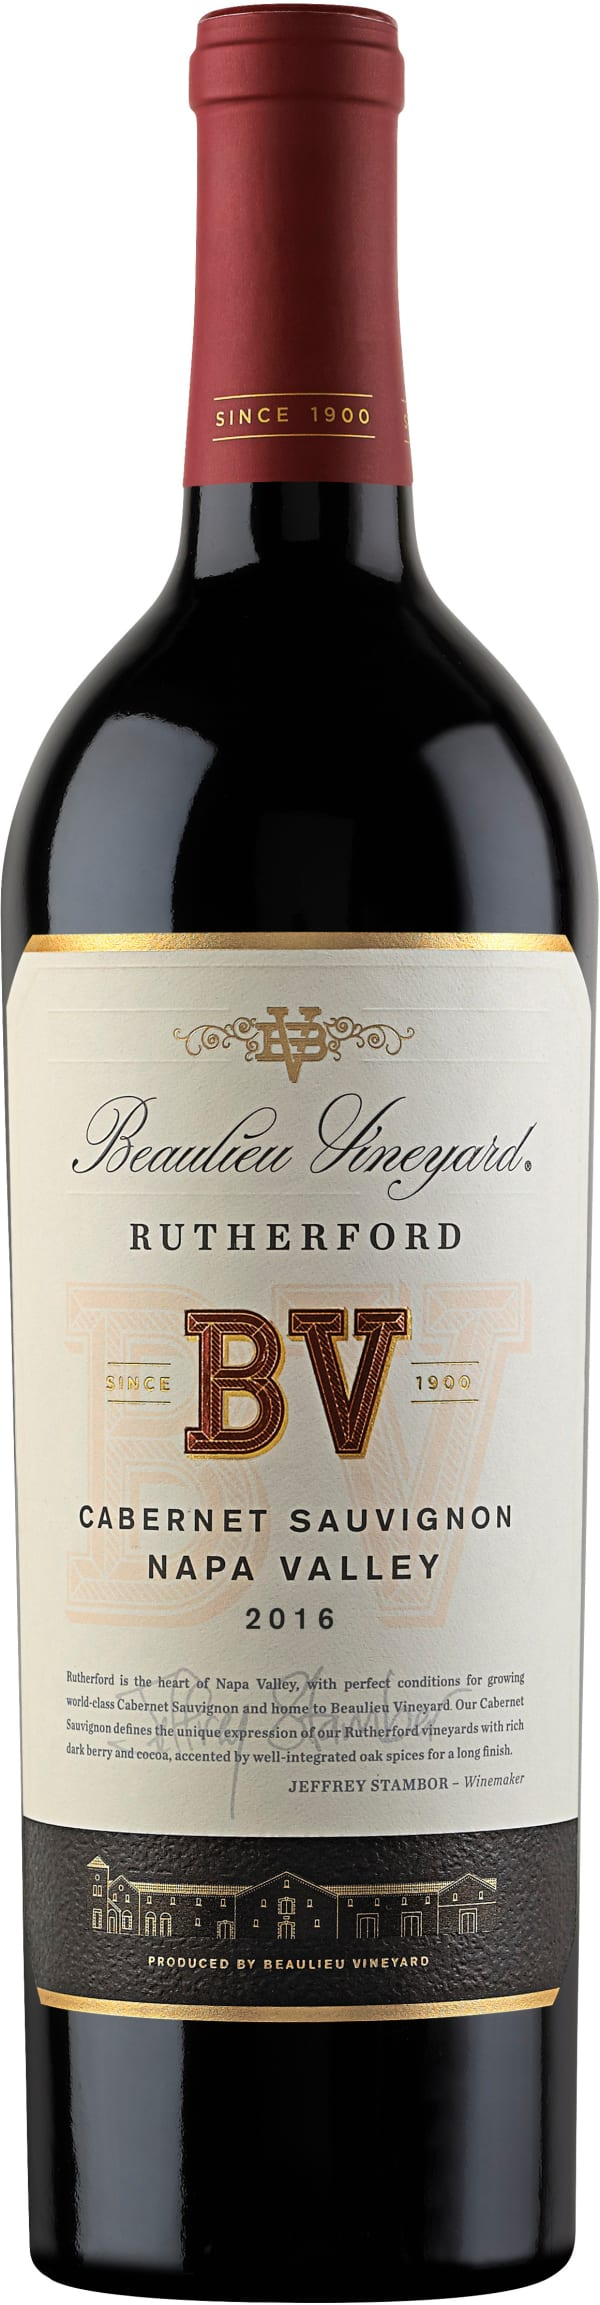 Beaulieu Vineyard Rutherford Cabernet Sauvignon 2016